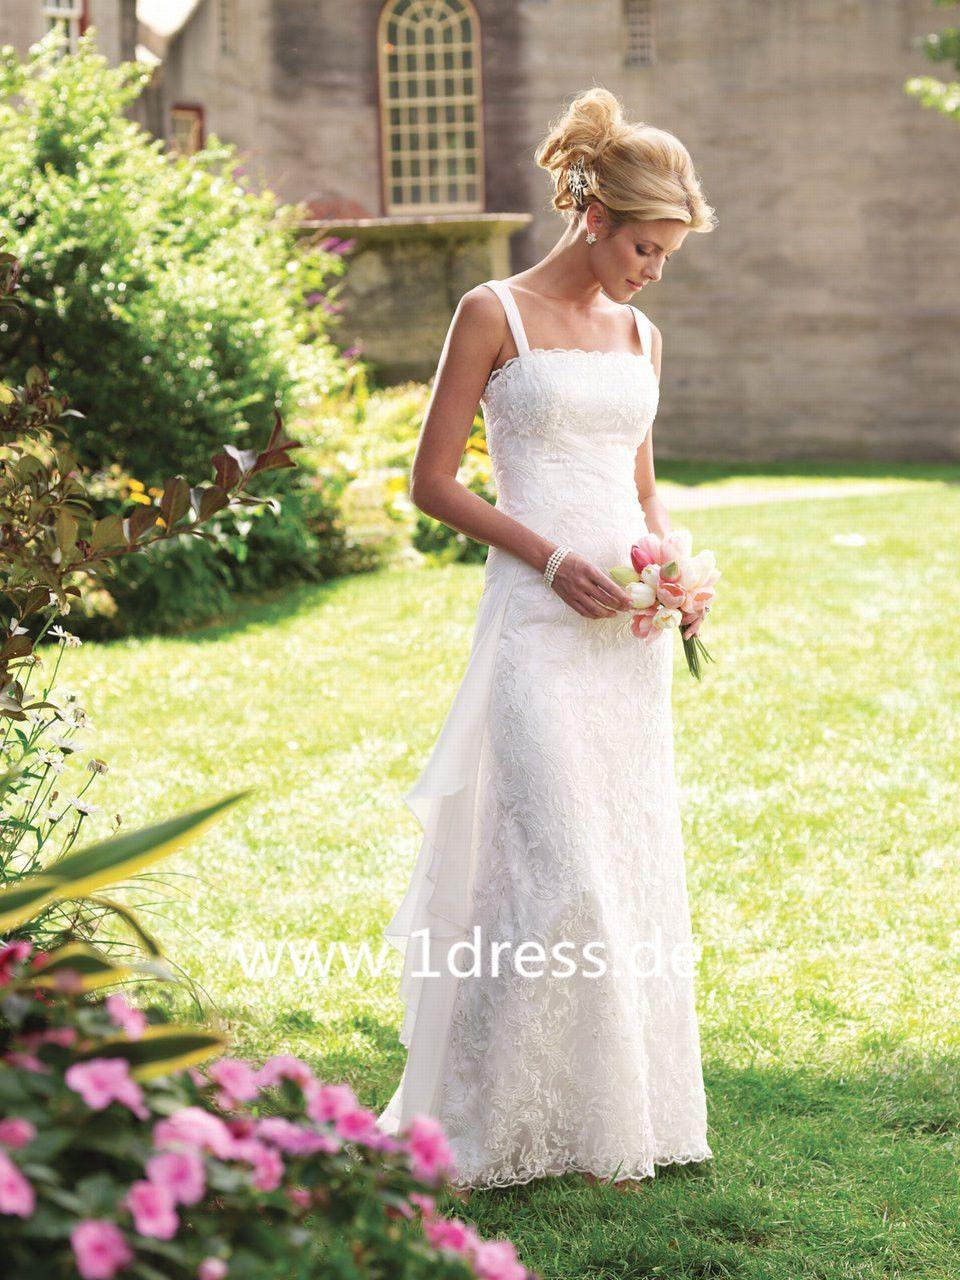 Tüll Weiße schlichte Brautkleider standesamt  Summer wedding